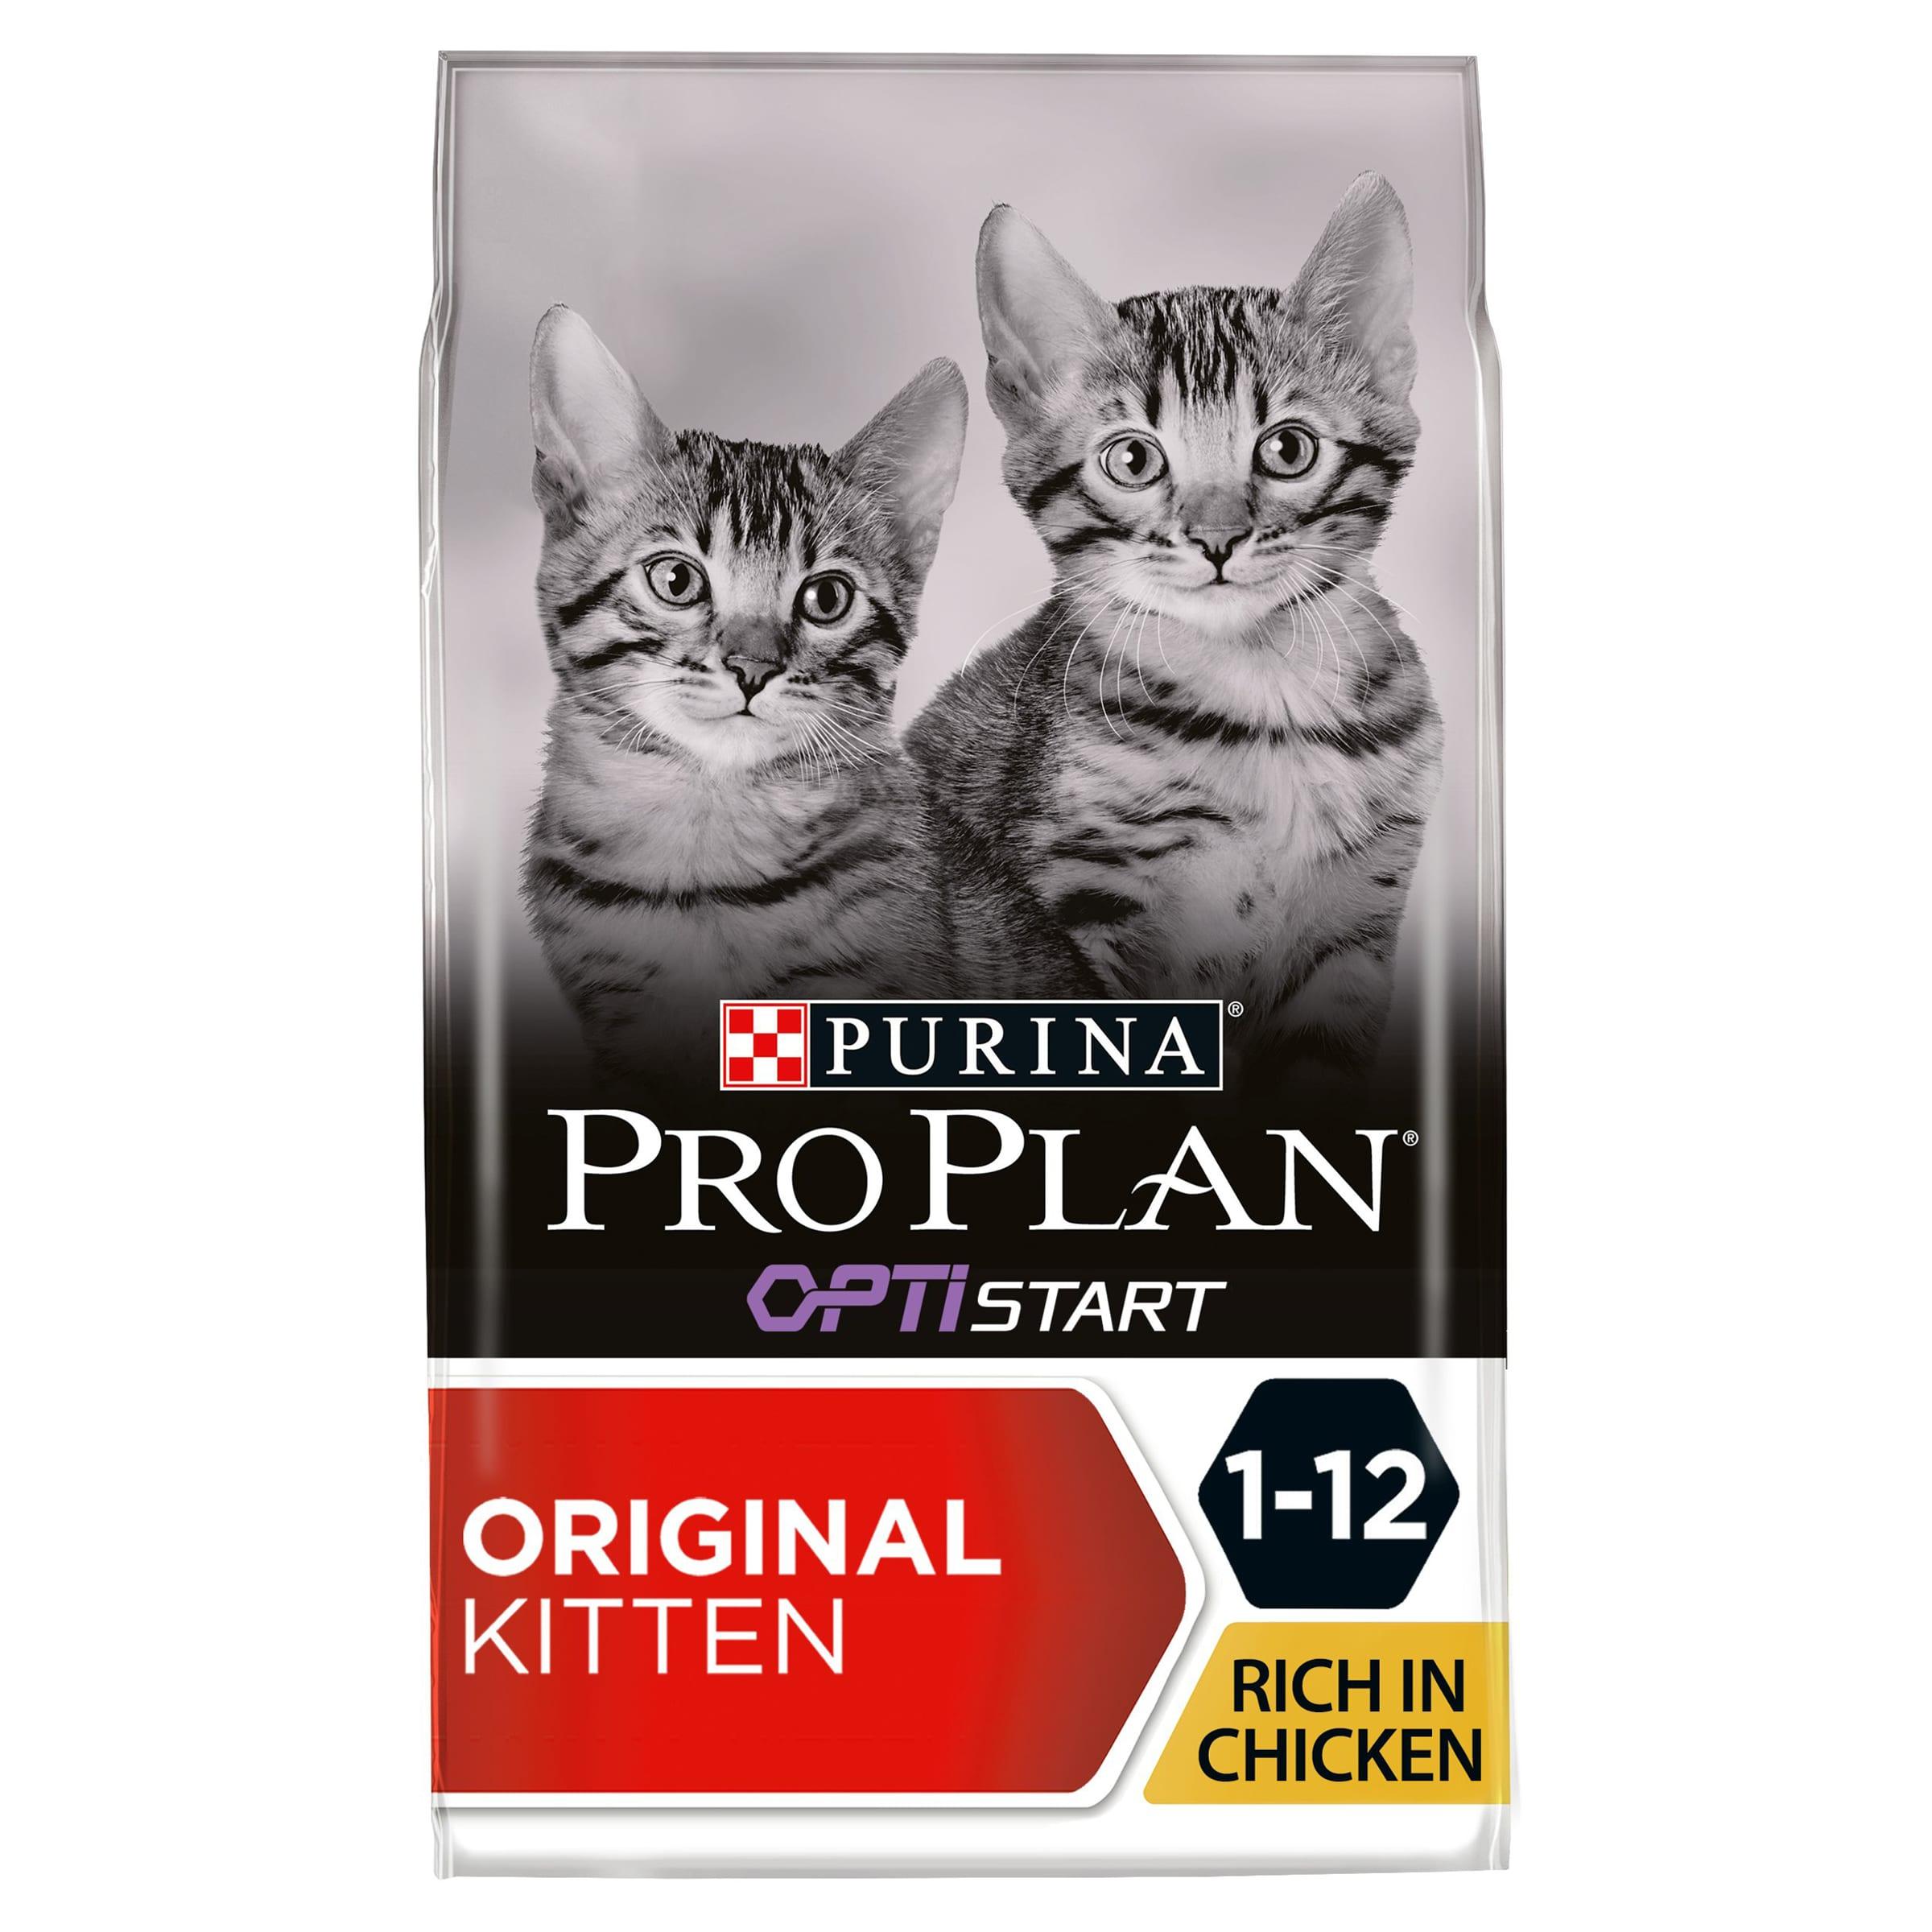 Purina Pro Plan Kitten Optistart